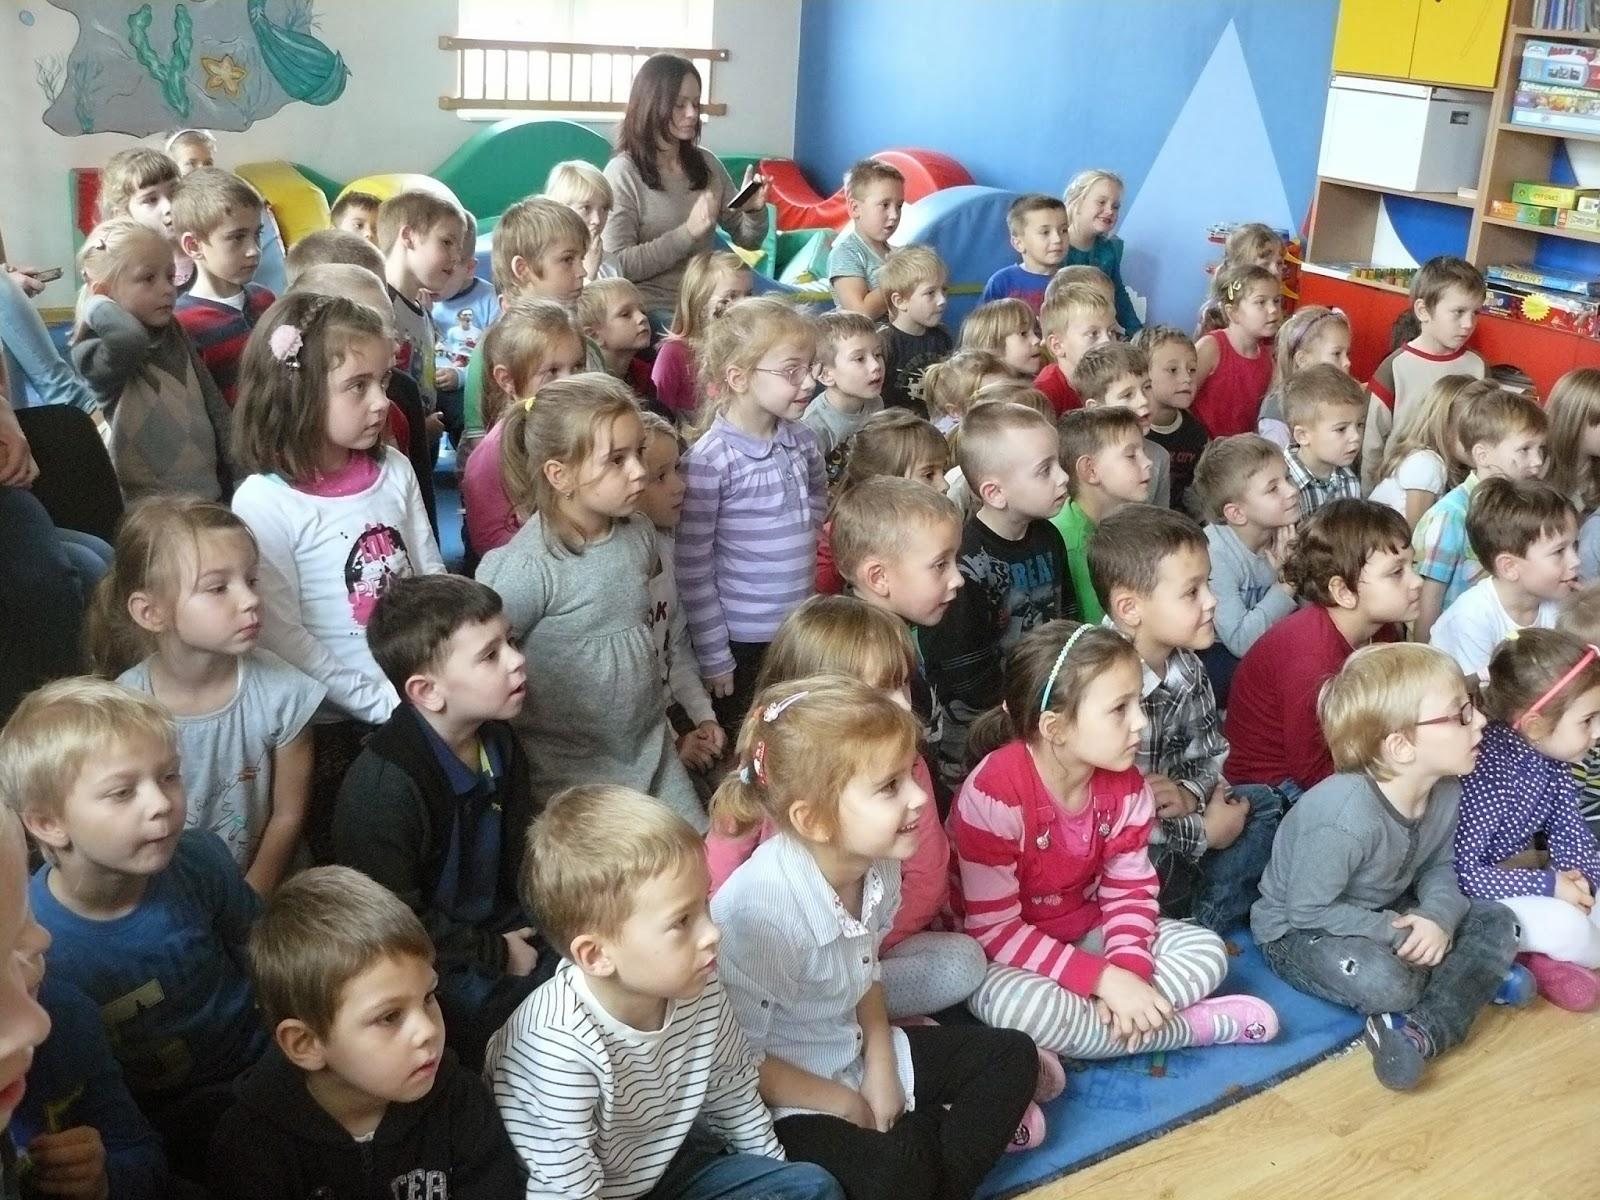 Przedszkole Spsk W Piotrkowie Trybunalskim Tuwim Dzieciom